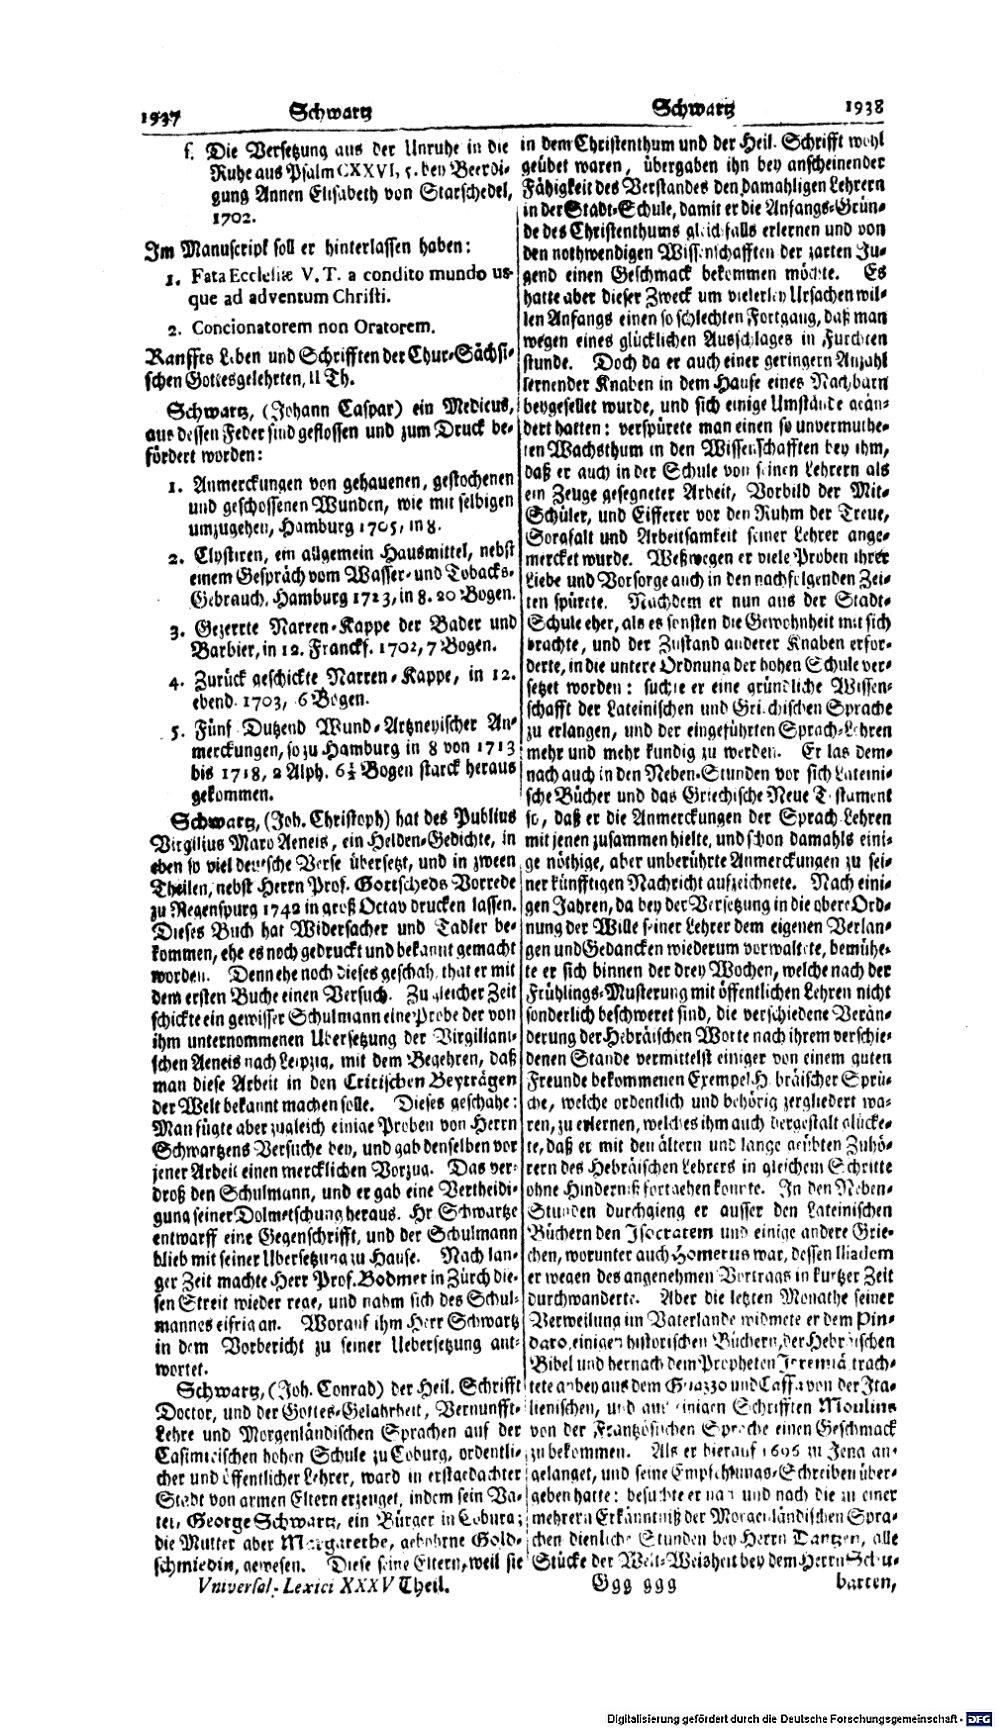 Bd. 35, Seite 0983.